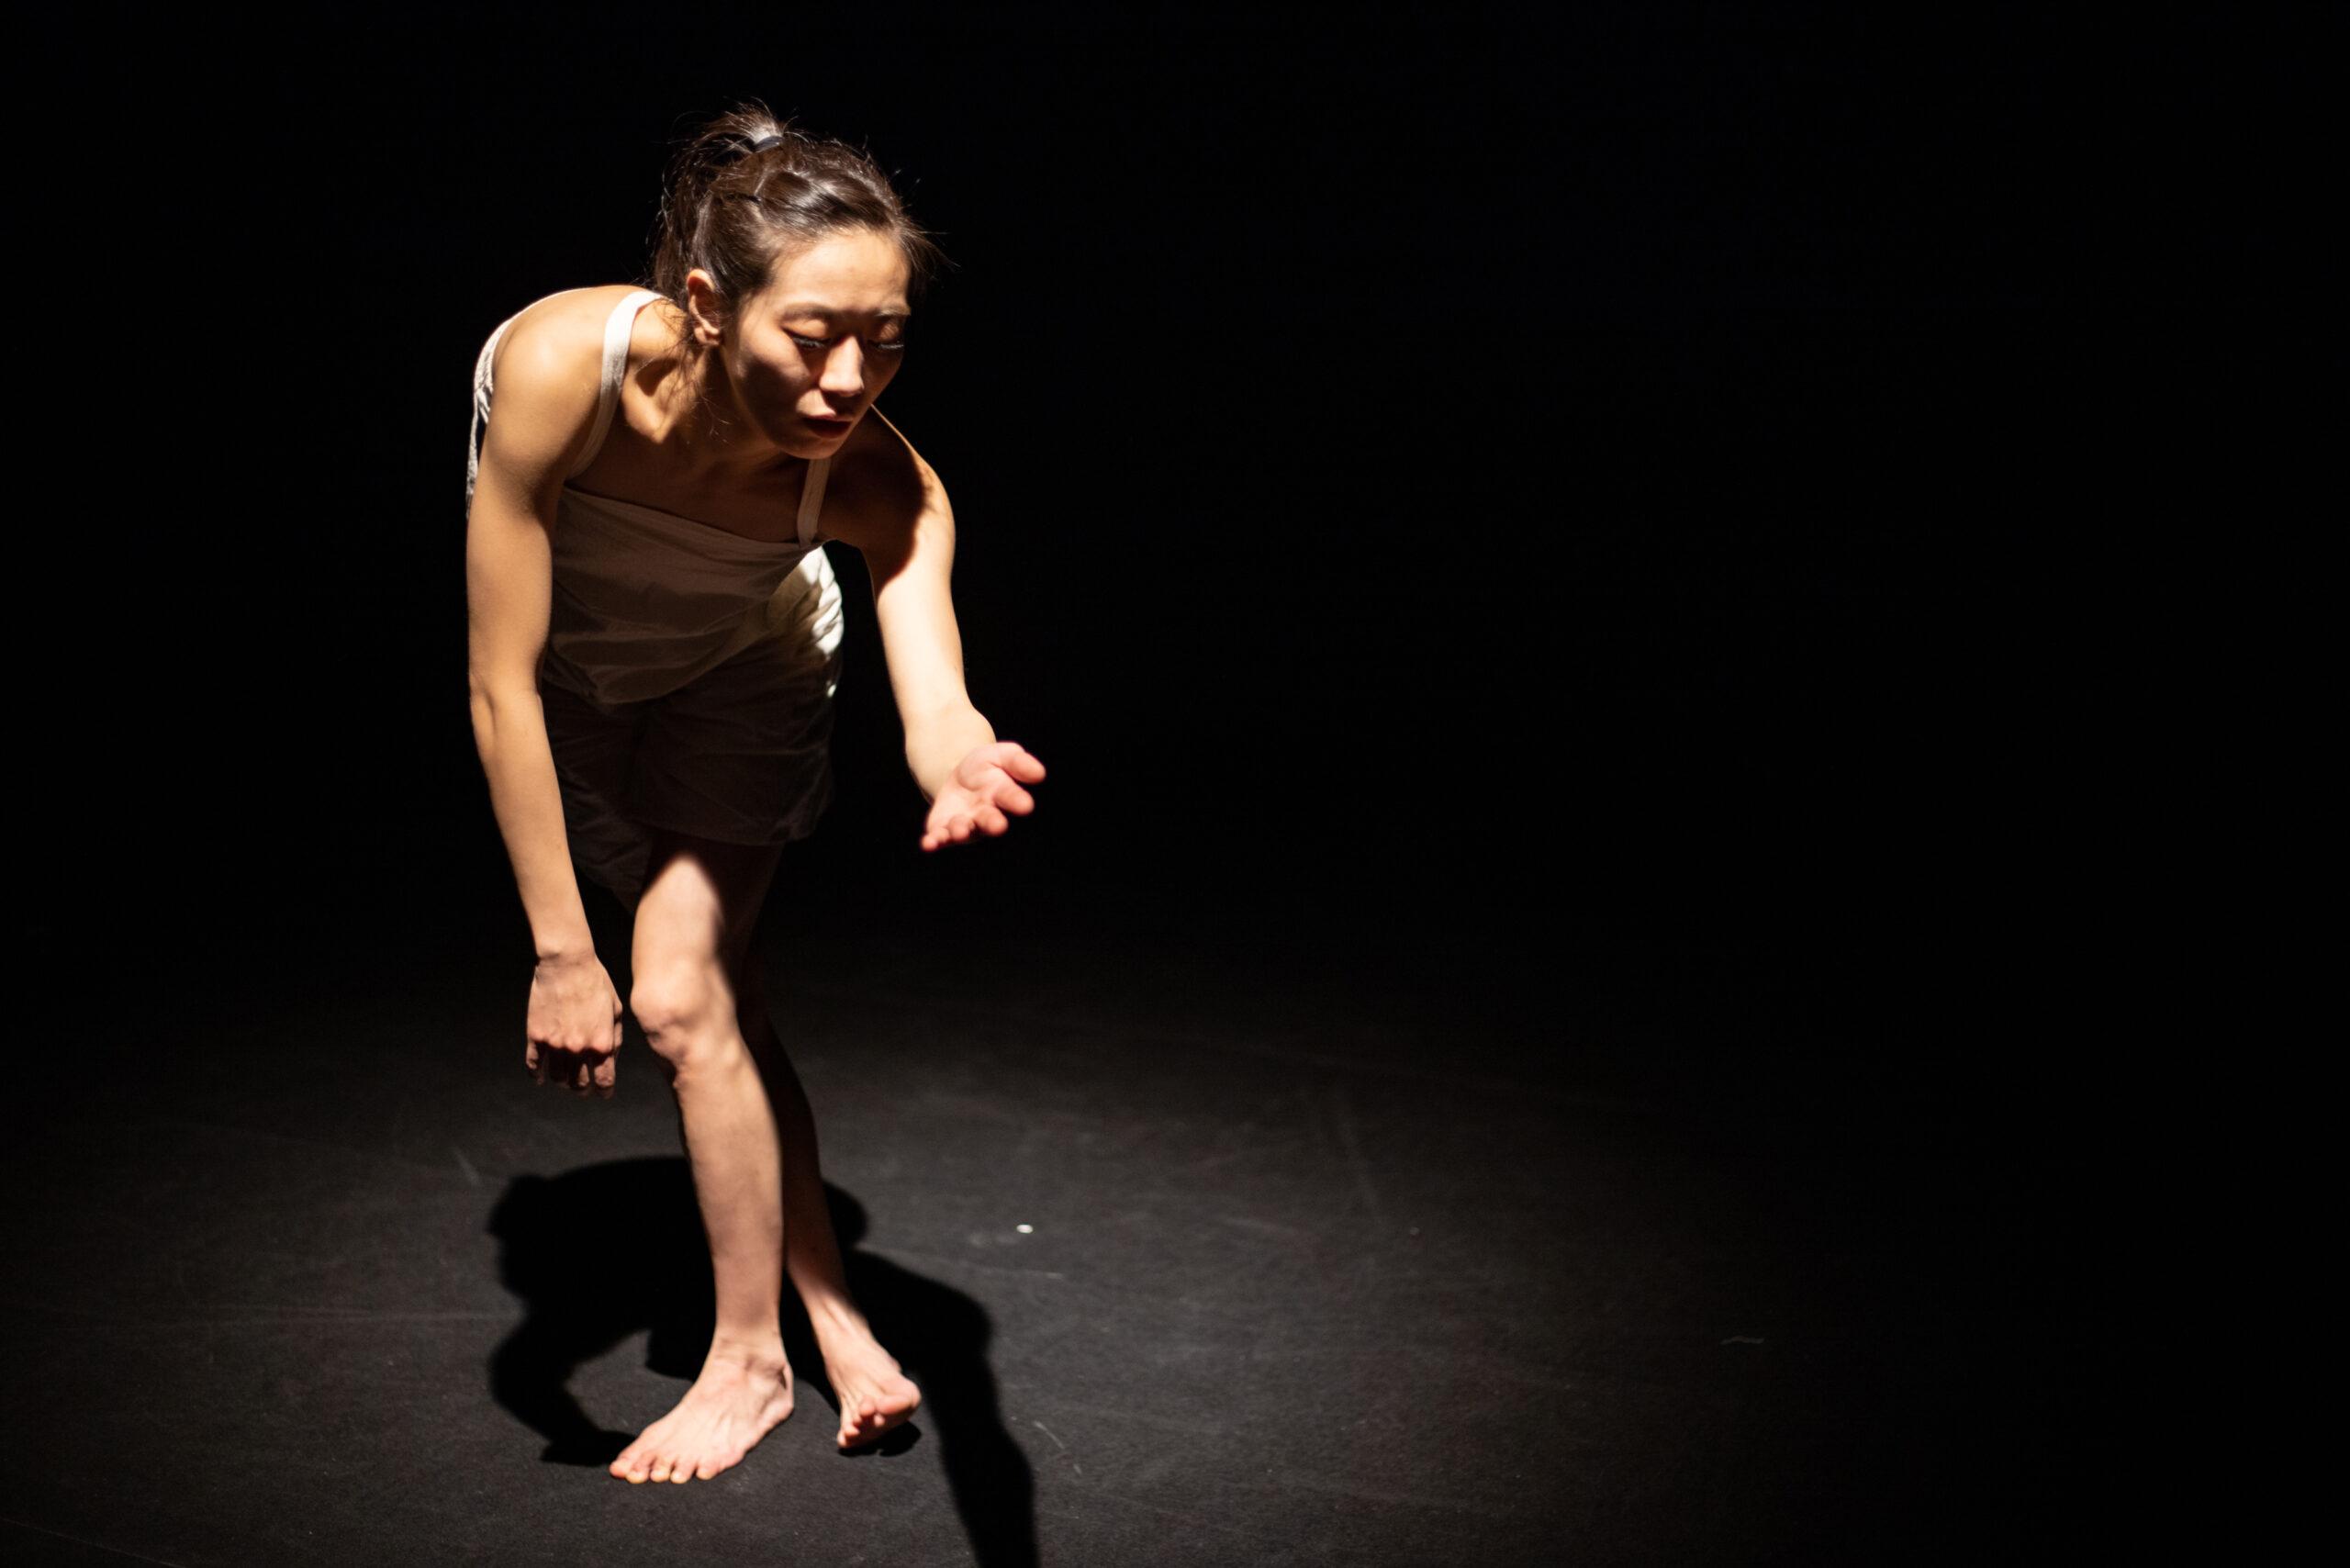 斉藤綾子ソロダンス公演『書くとか歩くとか』舞台写真